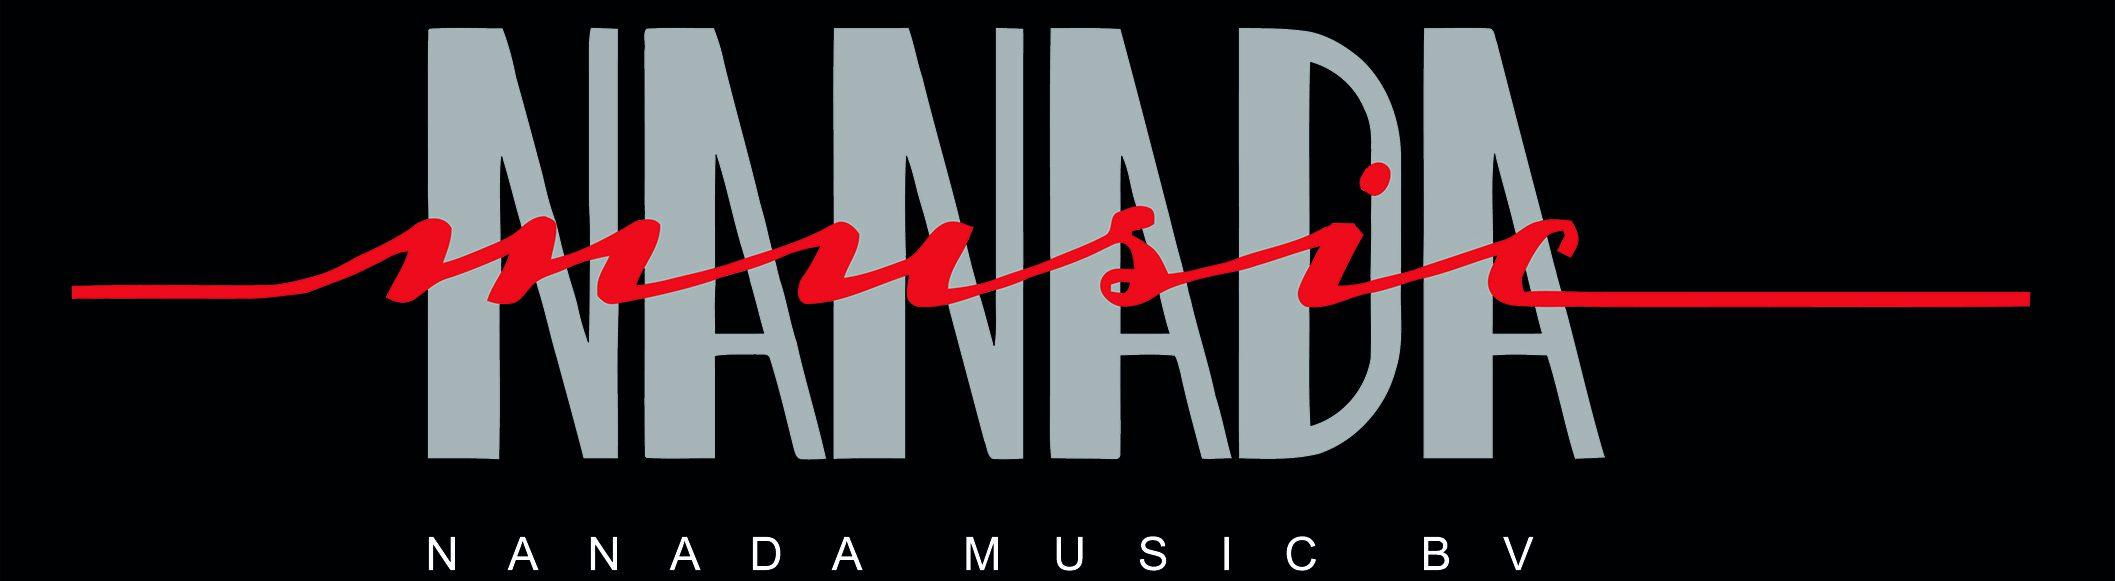 Nanada Music BV